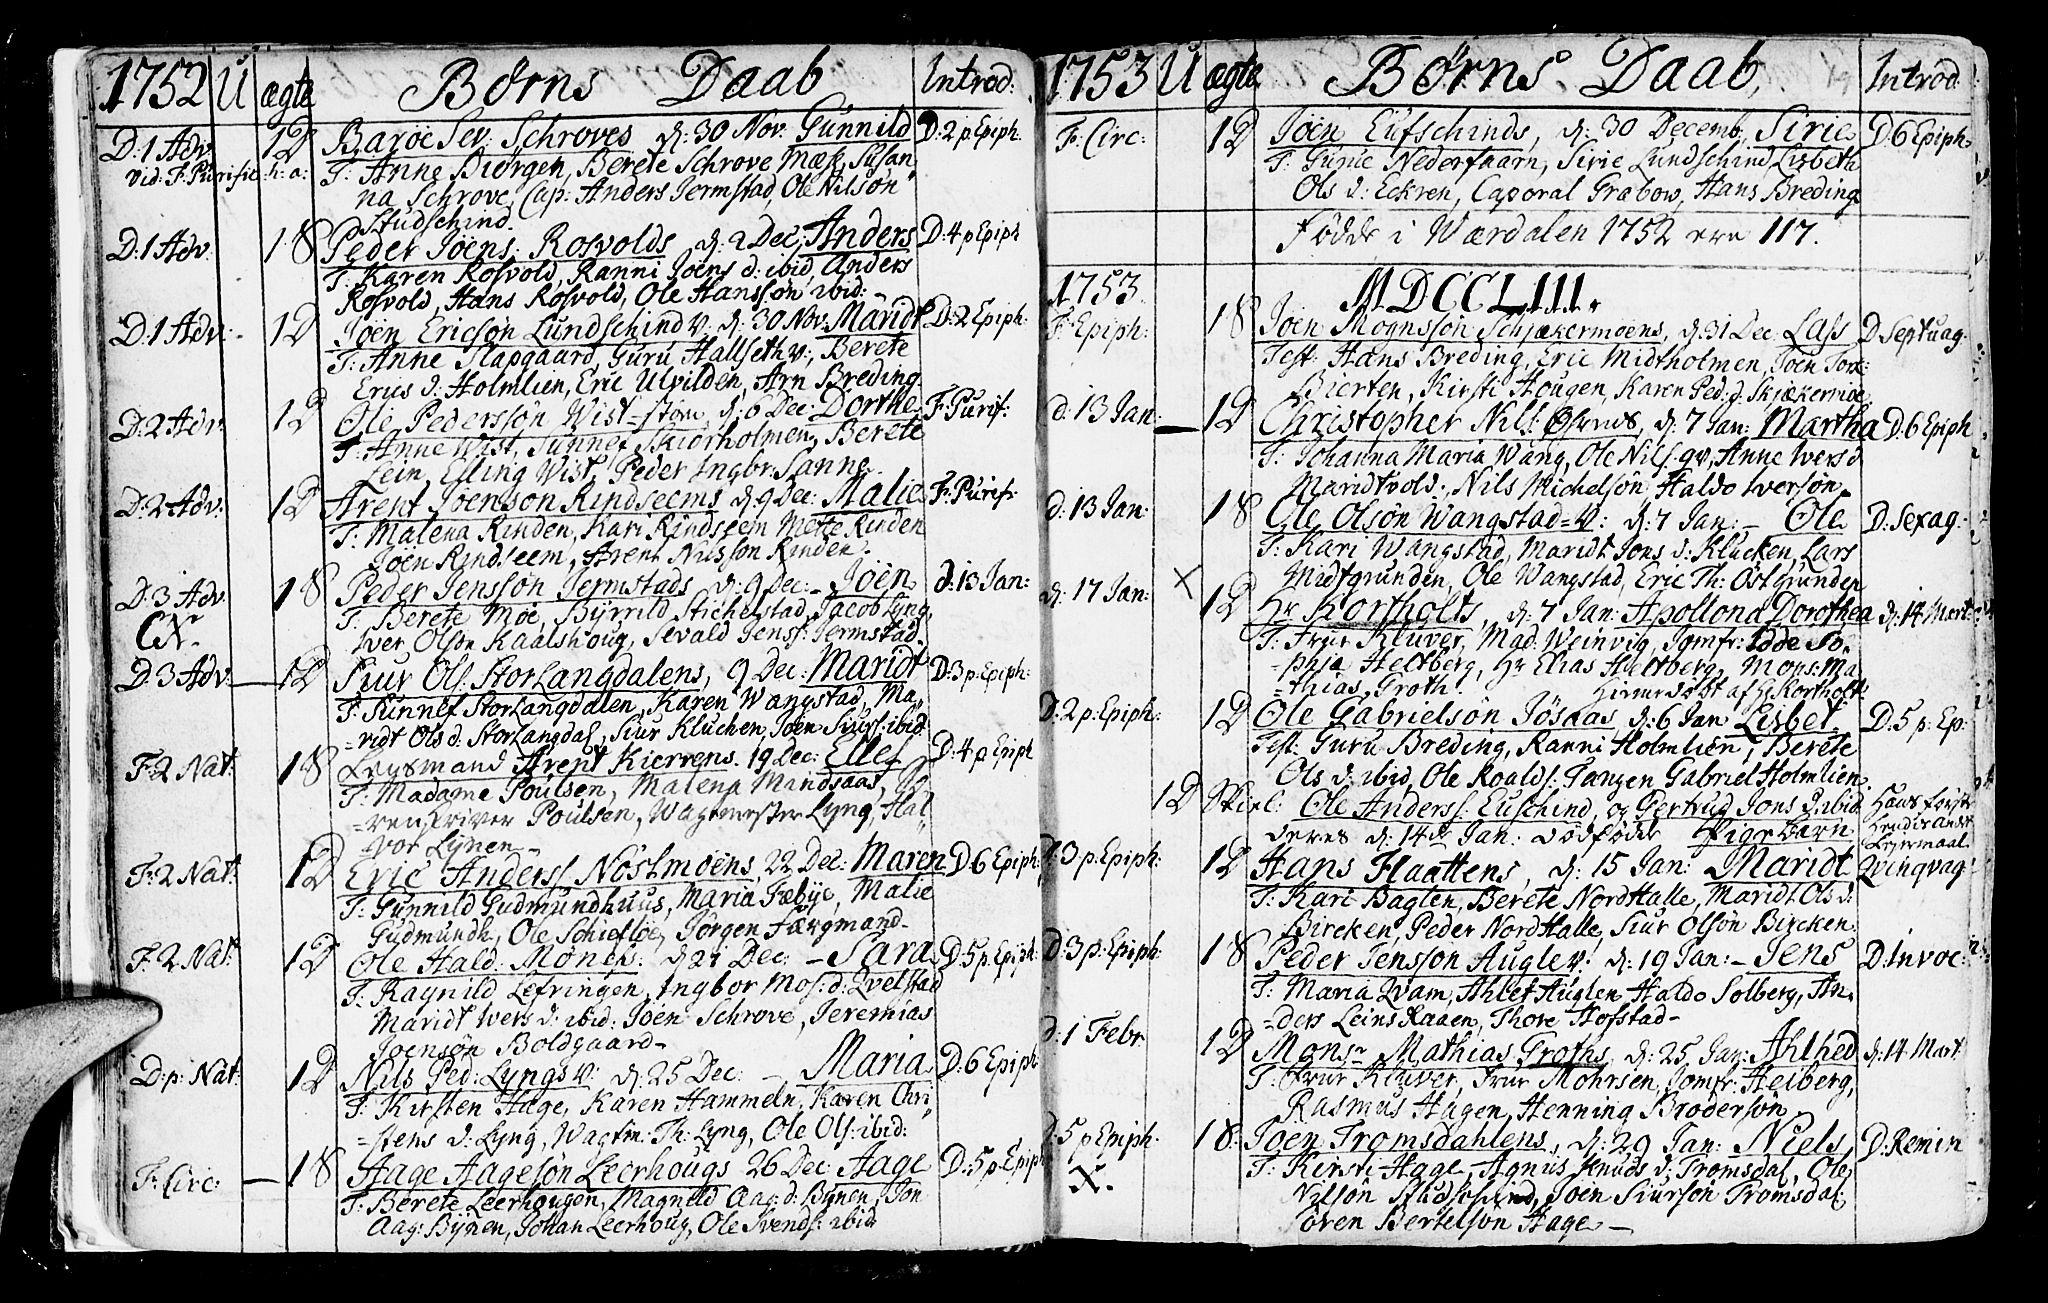 SAT, Ministerialprotokoller, klokkerbøker og fødselsregistre - Nord-Trøndelag, 723/L0231: Ministerialbok nr. 723A02, 1748-1780, s. 19